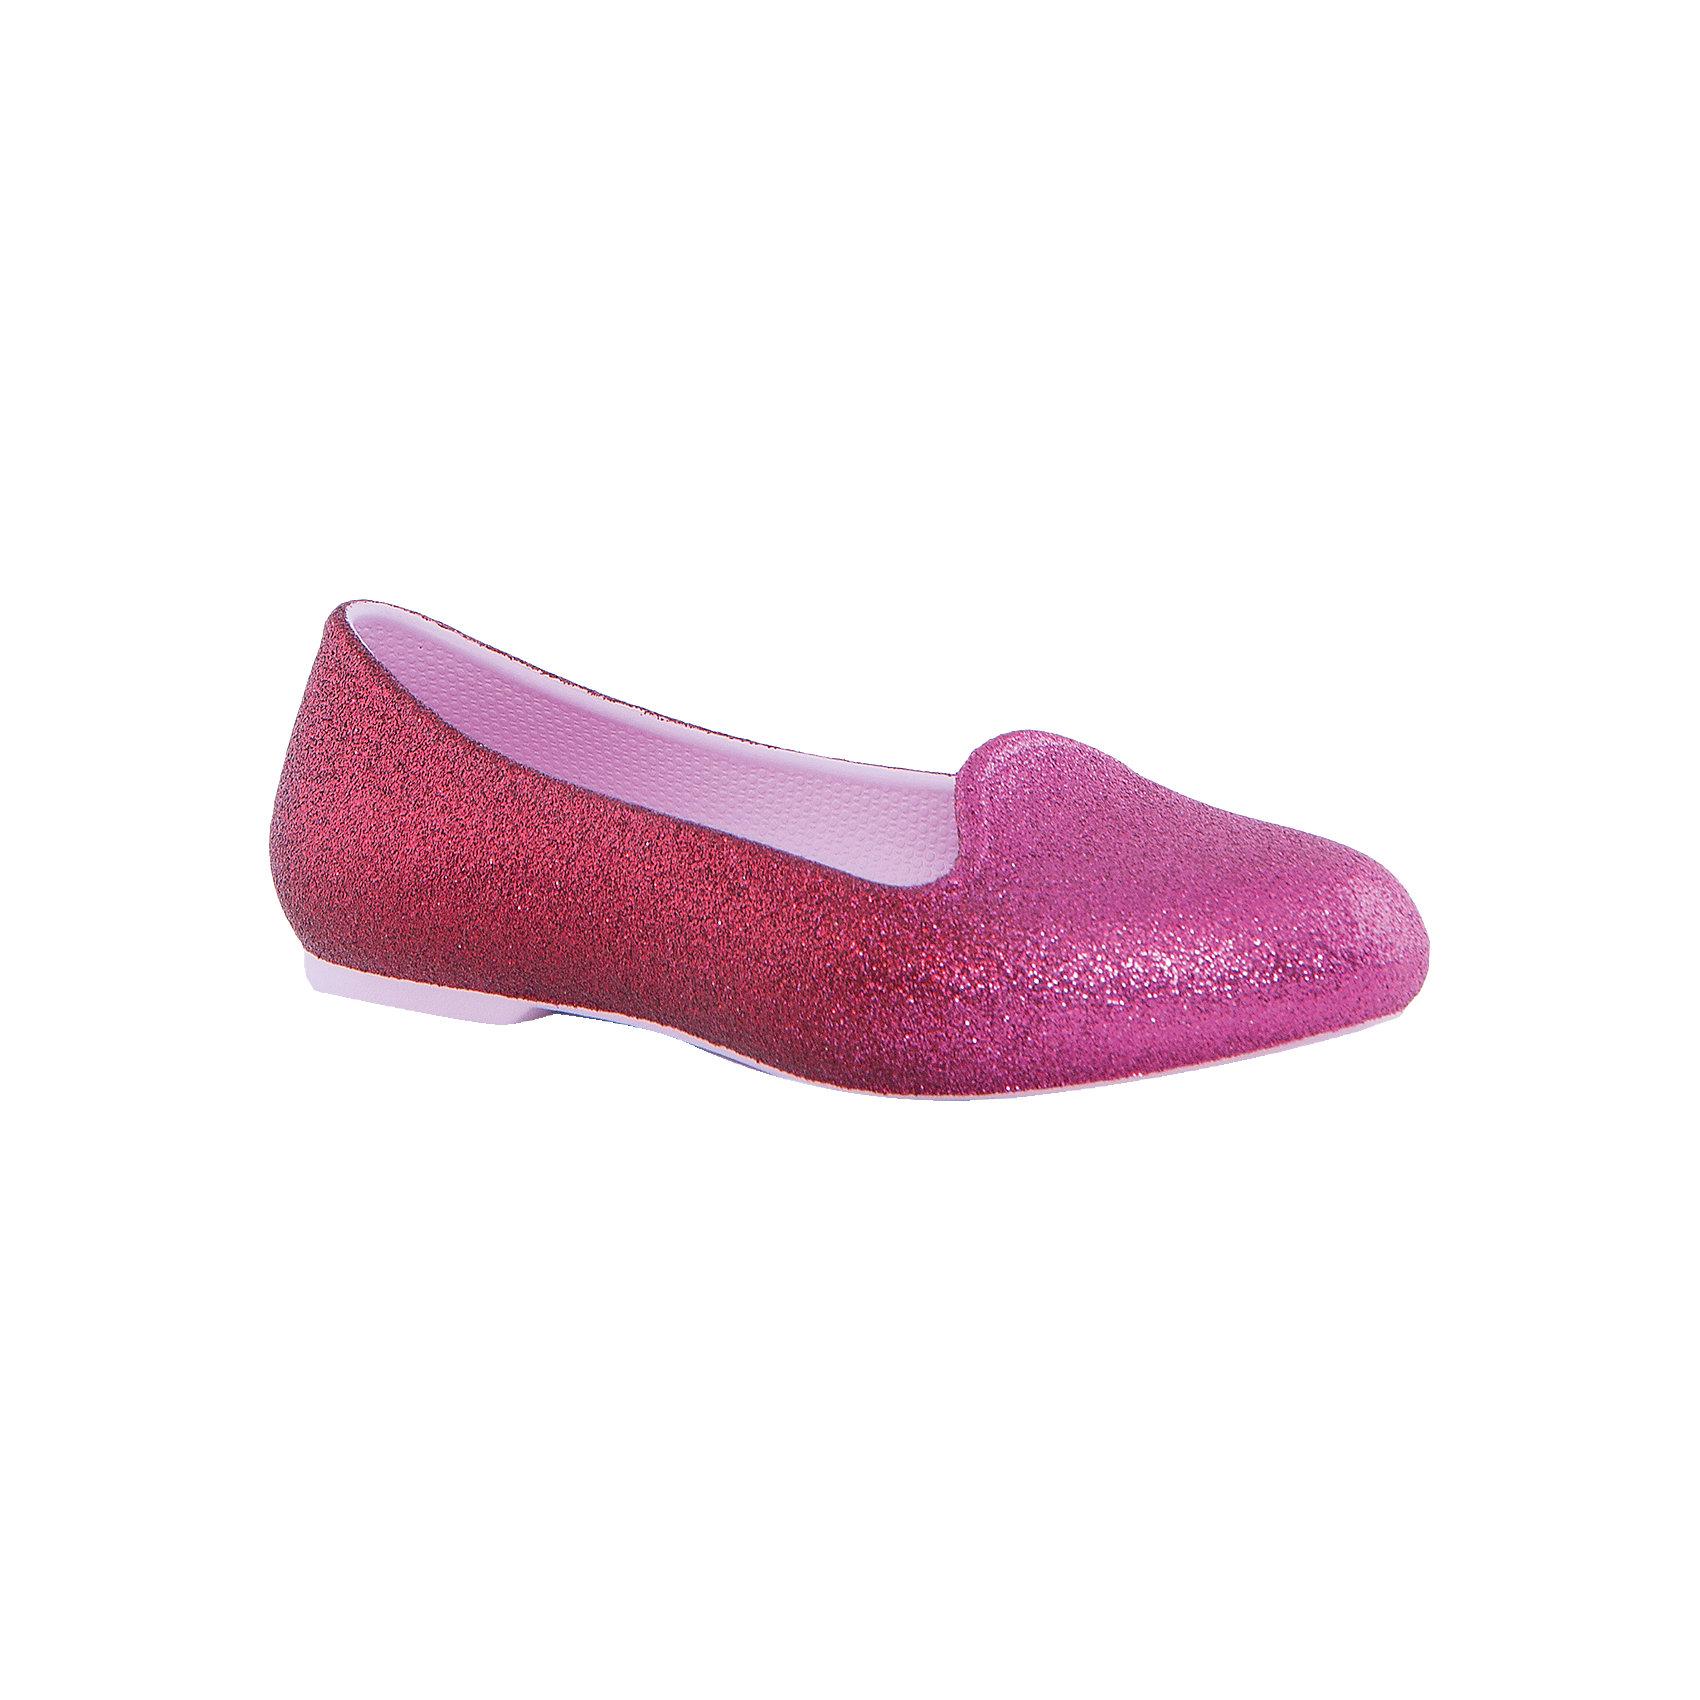 Туфли Eve Sparkle Flat K для девочки CrocsТуфли<br>Характеристики товара:<br><br>• цвет: розовый<br>• материал: верх - текстиль, низ - 100% полимер Croslite™<br>• блестки<br>• антискользящая подошва<br>• бактериостатичный материал<br>• стильный дизайн<br>• устойчивая подошва<br>• страна бренда: США<br>• страна изготовитель: Китай<br><br>Для правильного развития ребенка крайне важно, чтобы обувь была удобной. Такие туфли обеспечивают детям необходимый комфорт, а удобная стелька позволяет ножкам дольше не уставать. Туфли легко надеваются и снимаются, отлично сидят на ноге. Материал, из которого они сделаны, не дает размножаться бактериям, поэтому такая обувь препятствует образованию неприятного запаха и появлению болезней стоп. <br>Обувь от американского бренда Crocs в данный момент завоевала широкую популярность во всем мире, и это не удивительно - ведь она невероятно удобна. Её носят врачи, спортсмены, звёзды шоу-бизнеса, люди, которым много времени приходится бывать на ногах - они понимают, как важна комфортная обувь. Продукция Crocs - это качественные товары, созданные с применением новейших технологий. Обувь отличается стильным дизайном и продуманной конструкцией. Изделие производится из качественных и проверенных материалов, которые безопасны для детей.<br><br>Туфли для девочки от торговой марки Crocs можно купить в нашем интернет-магазине.<br><br>Ширина мм: 225<br>Глубина мм: 139<br>Высота мм: 112<br>Вес г: 290<br>Цвет: розовый<br>Возраст от месяцев: 24<br>Возраст до месяцев: 24<br>Пол: Женский<br>Возраст: Детский<br>Размер: 25,34,27,28,29,30,26,31,33<br>SKU: 4940827